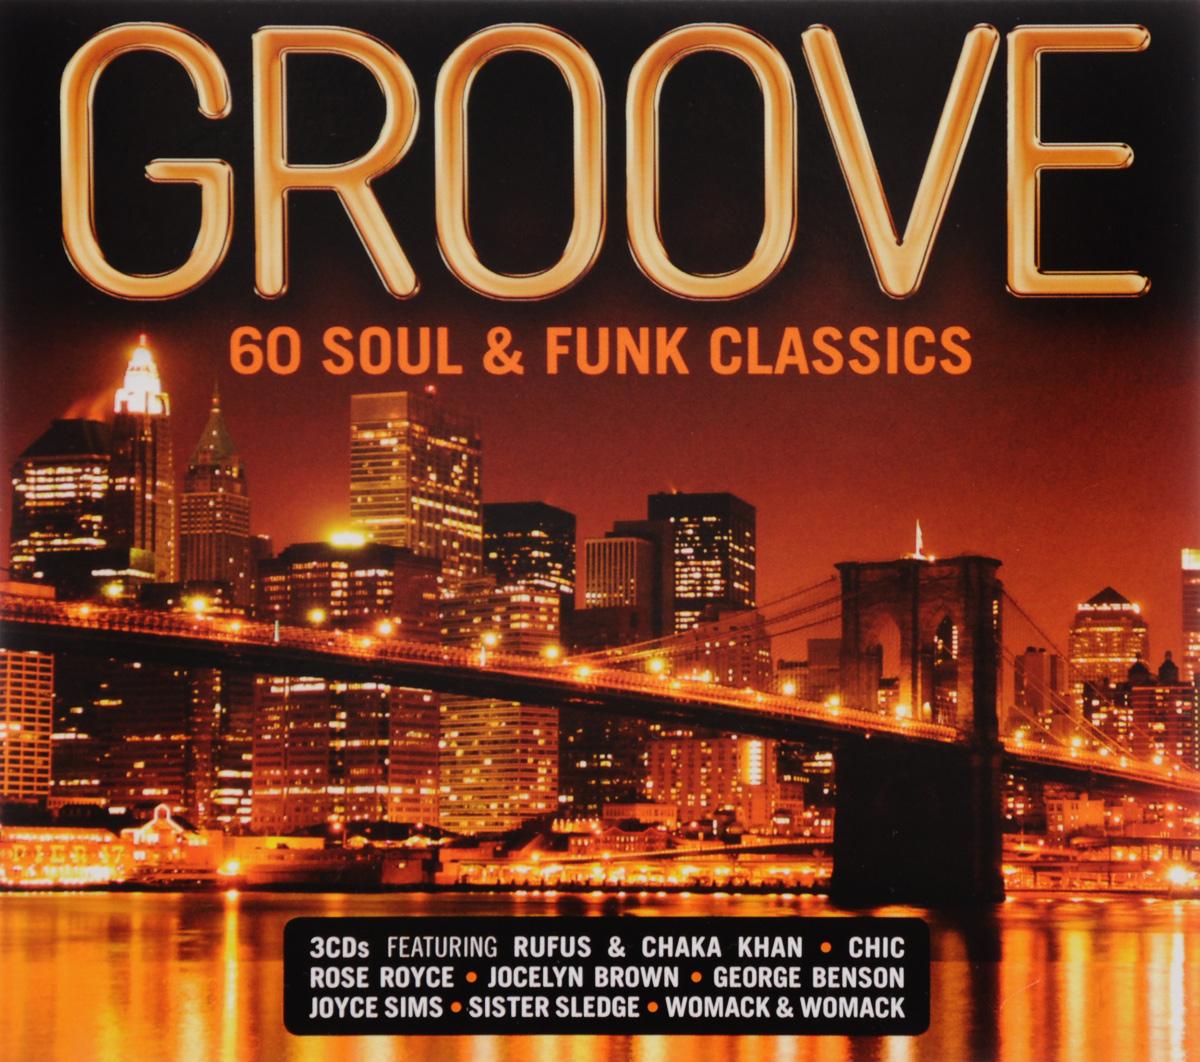 Groove: 60 Soul & Funk Classics (3 CD) soul classics